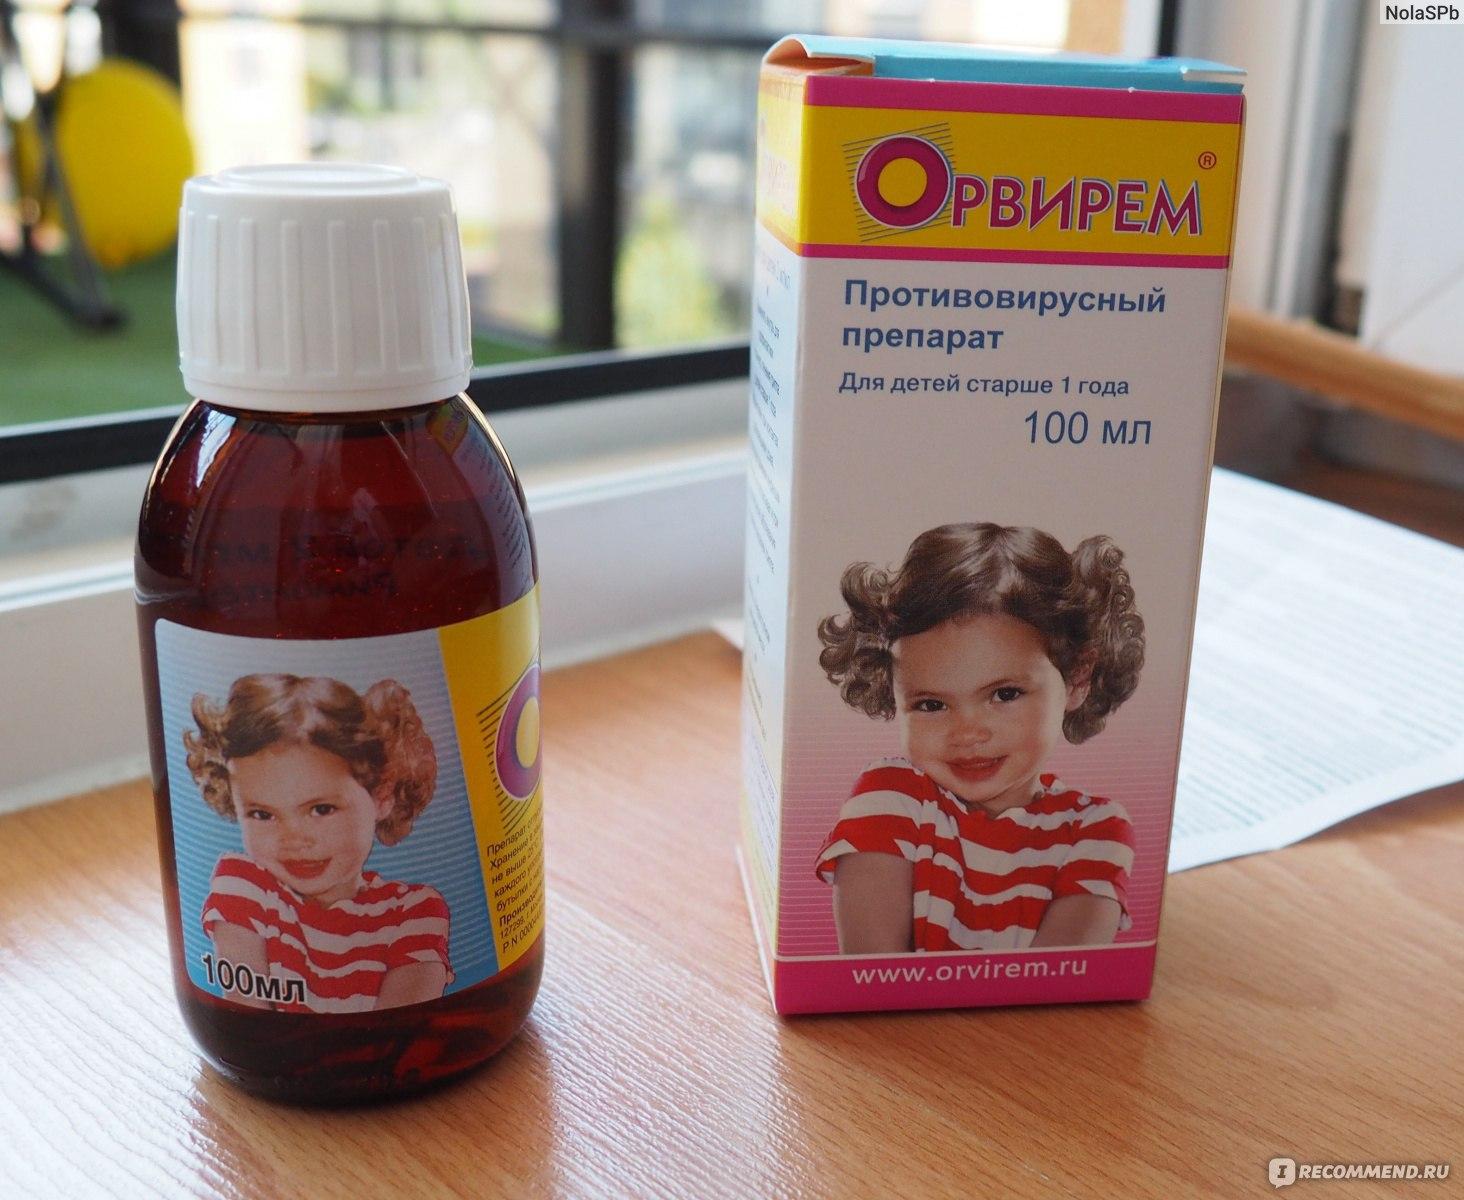 Противовирусный сироп для детей орвирем: отзывы родителей, правила применения и возможные побочные эффекты